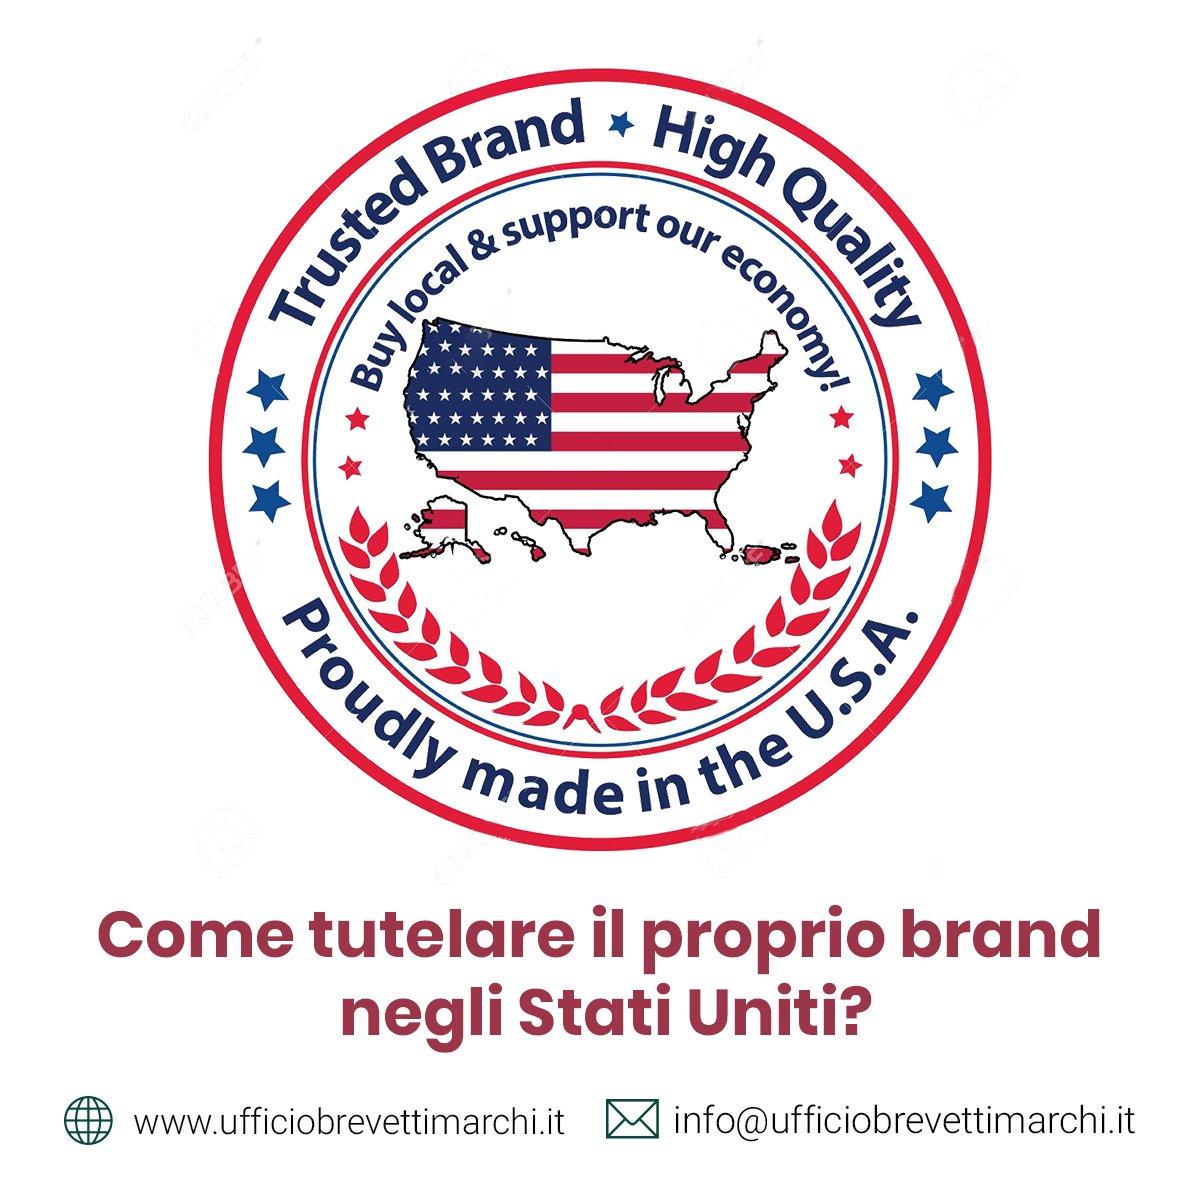 Come tutelare il proprio brand negli Stati Uniti?